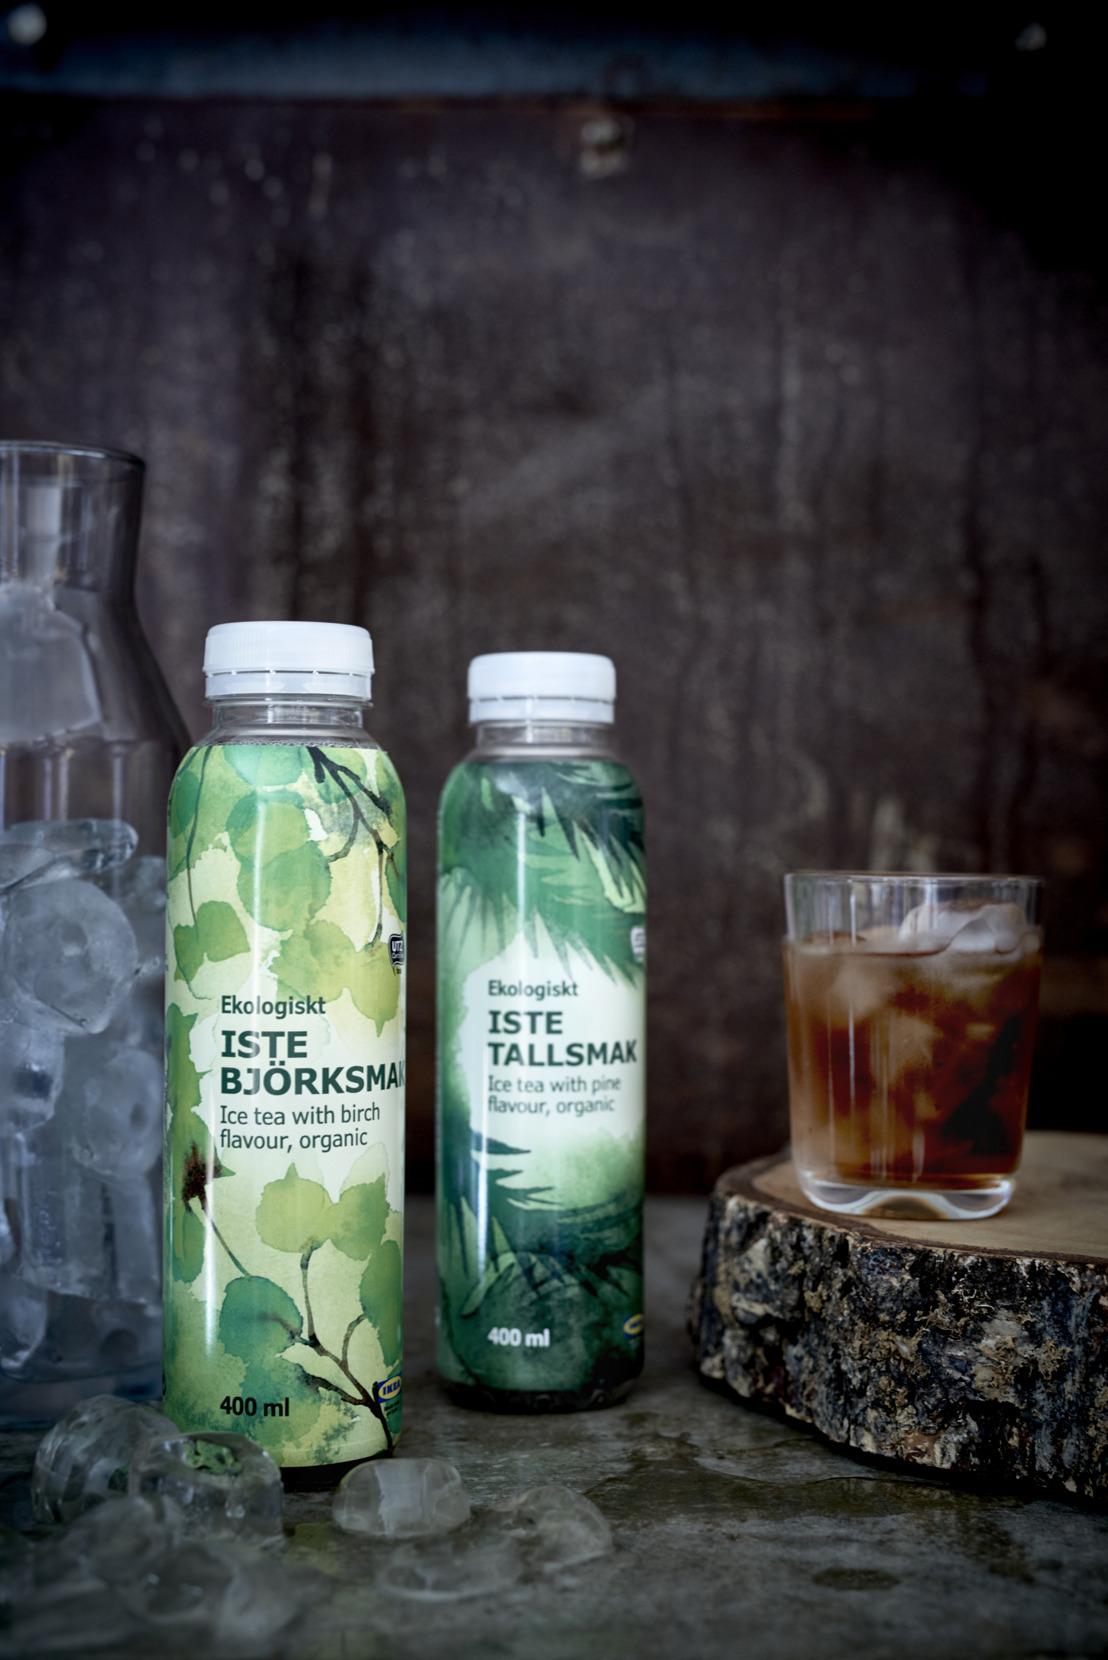 IKEA lanceert biologische ijsthee met berk- en densmaak